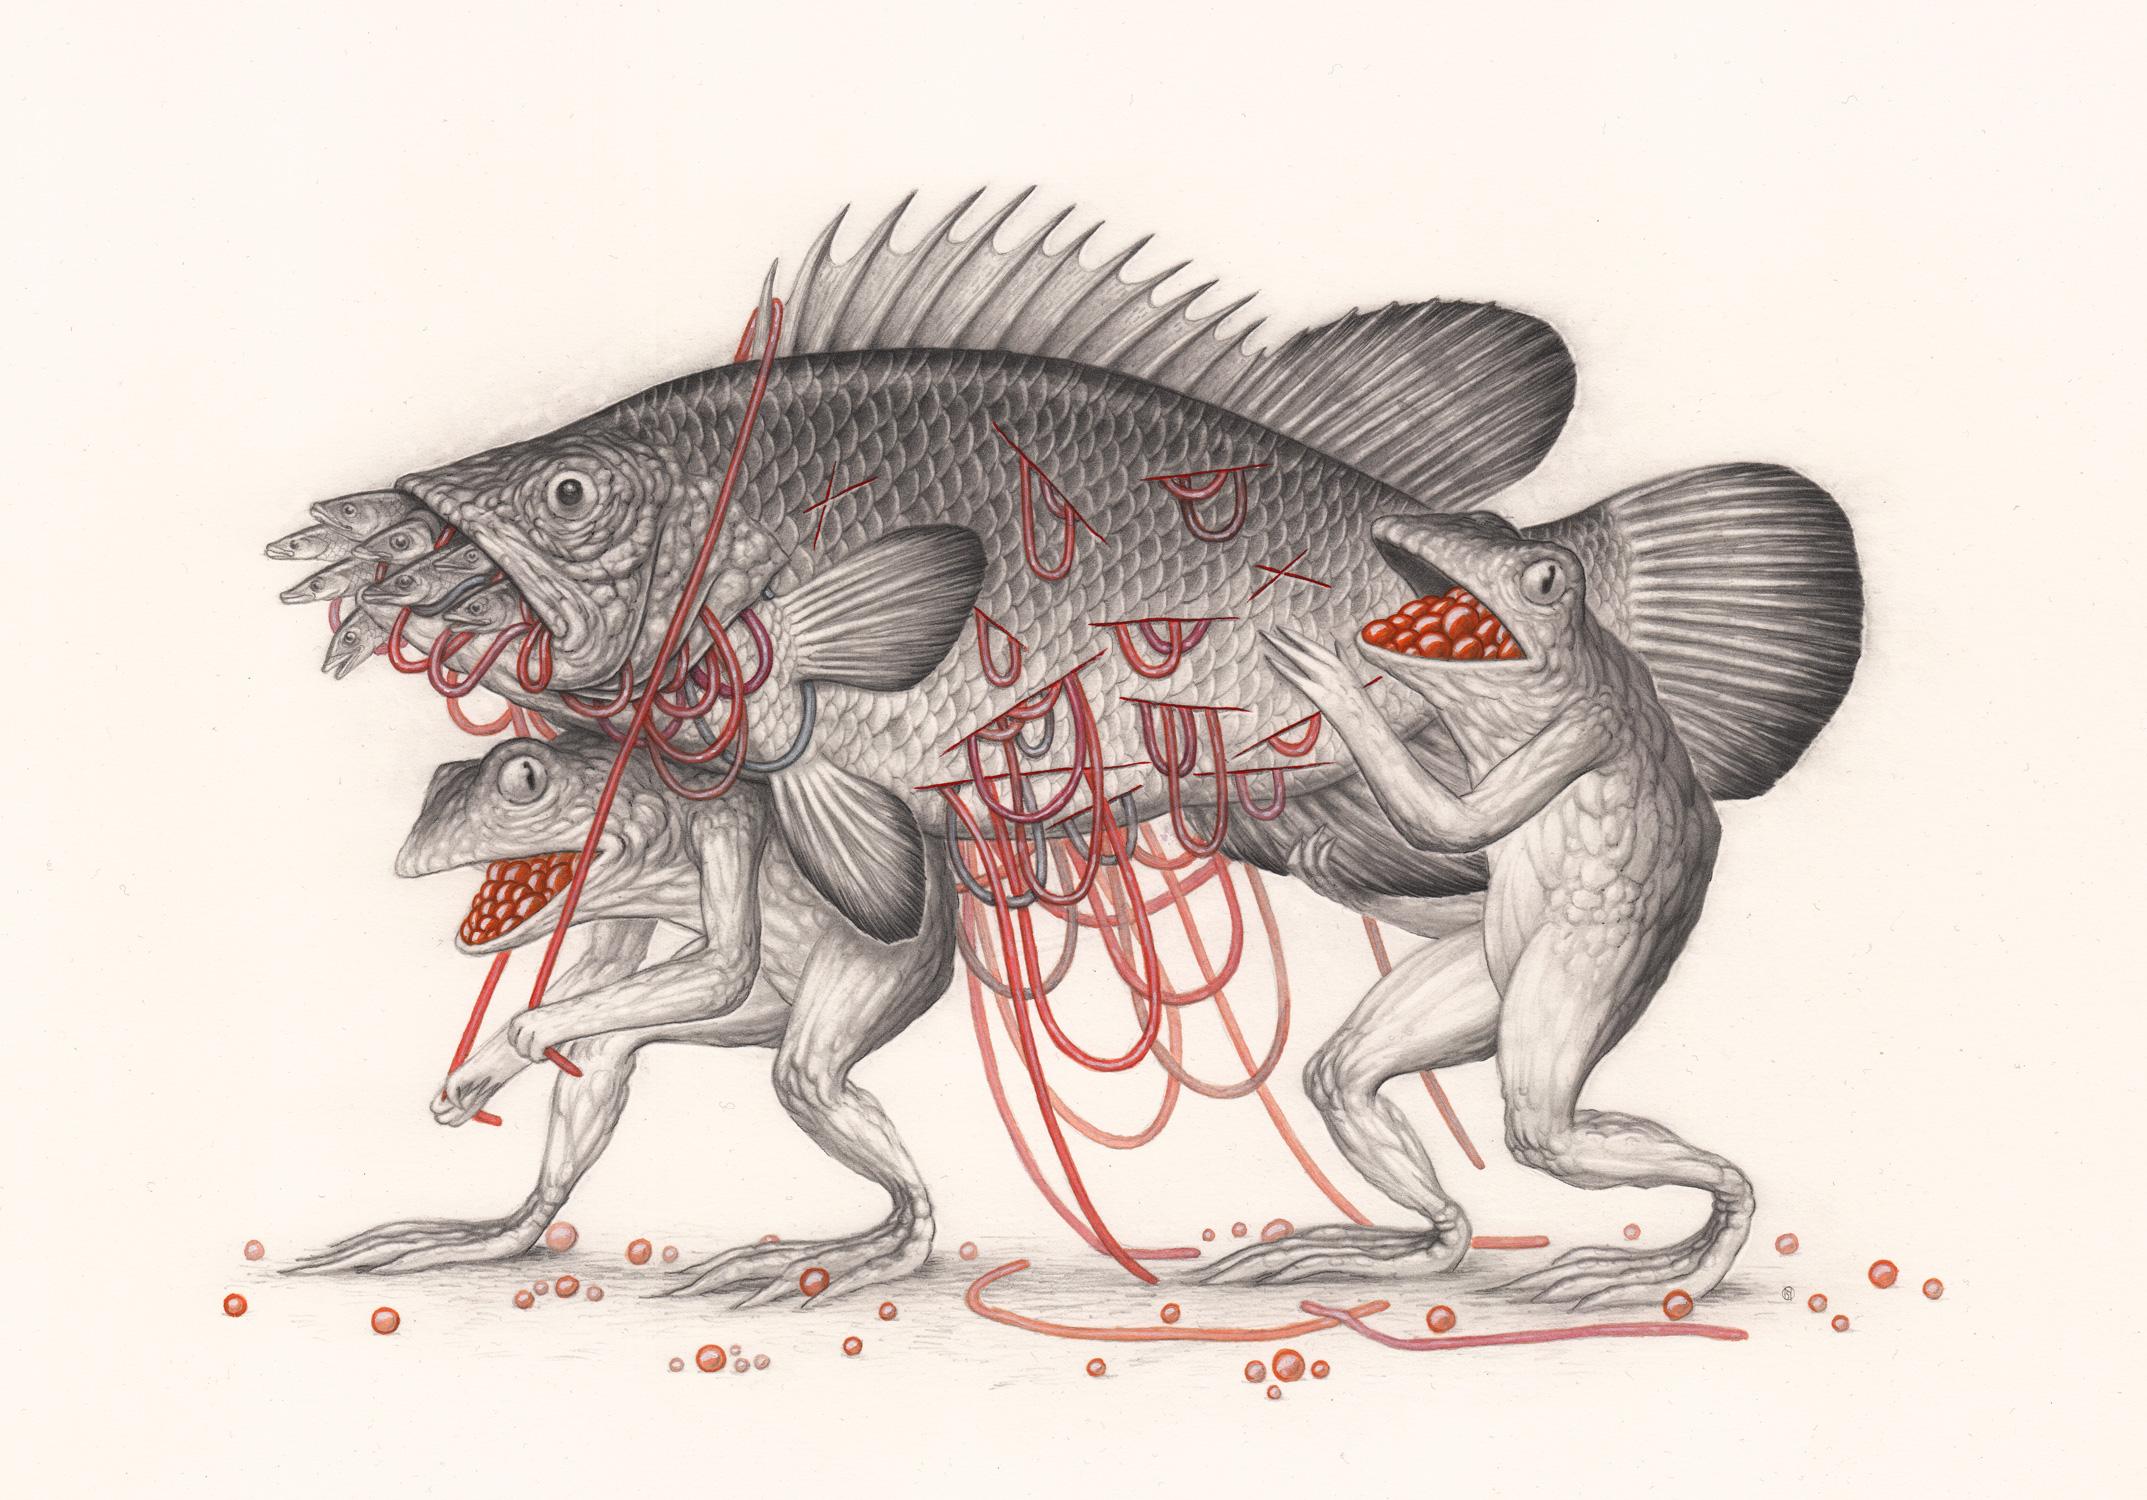 The-Fish-By-Nick-Sheehy.jpg